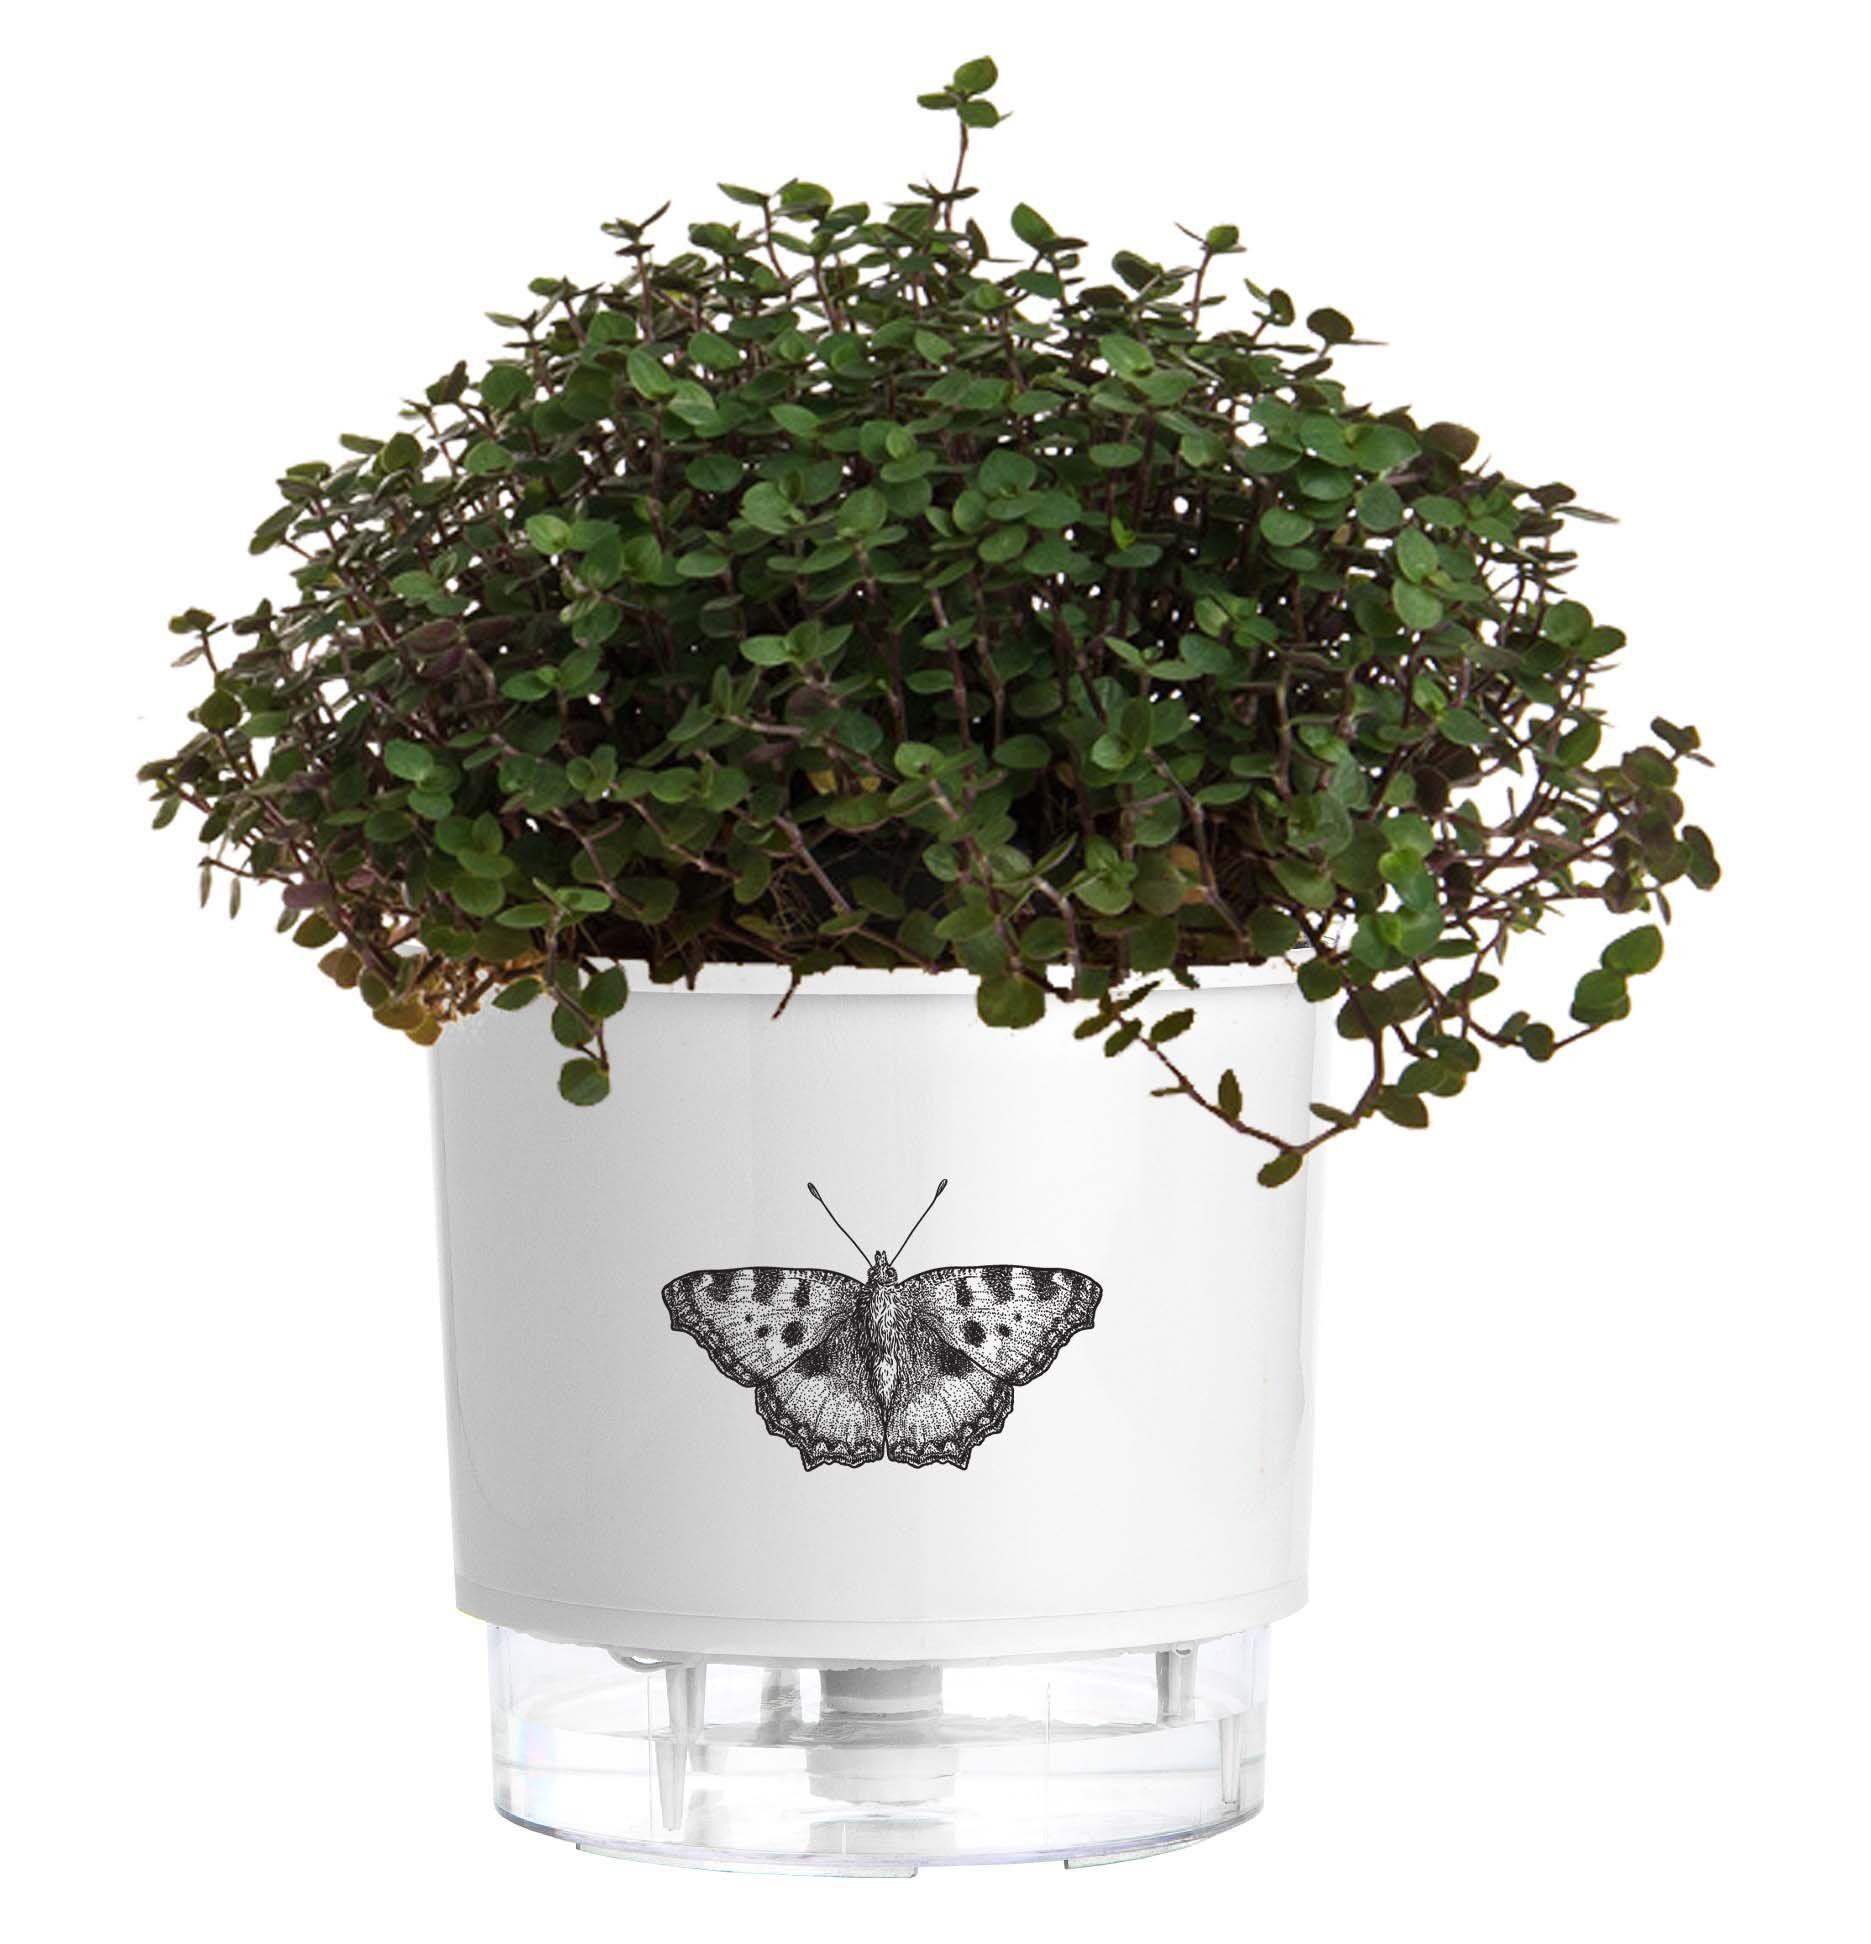 Vaso Autoirrigável Pequeno N02 12cm x 11cm Branco Borboleta  - Vasos Raiz Loja Oficial